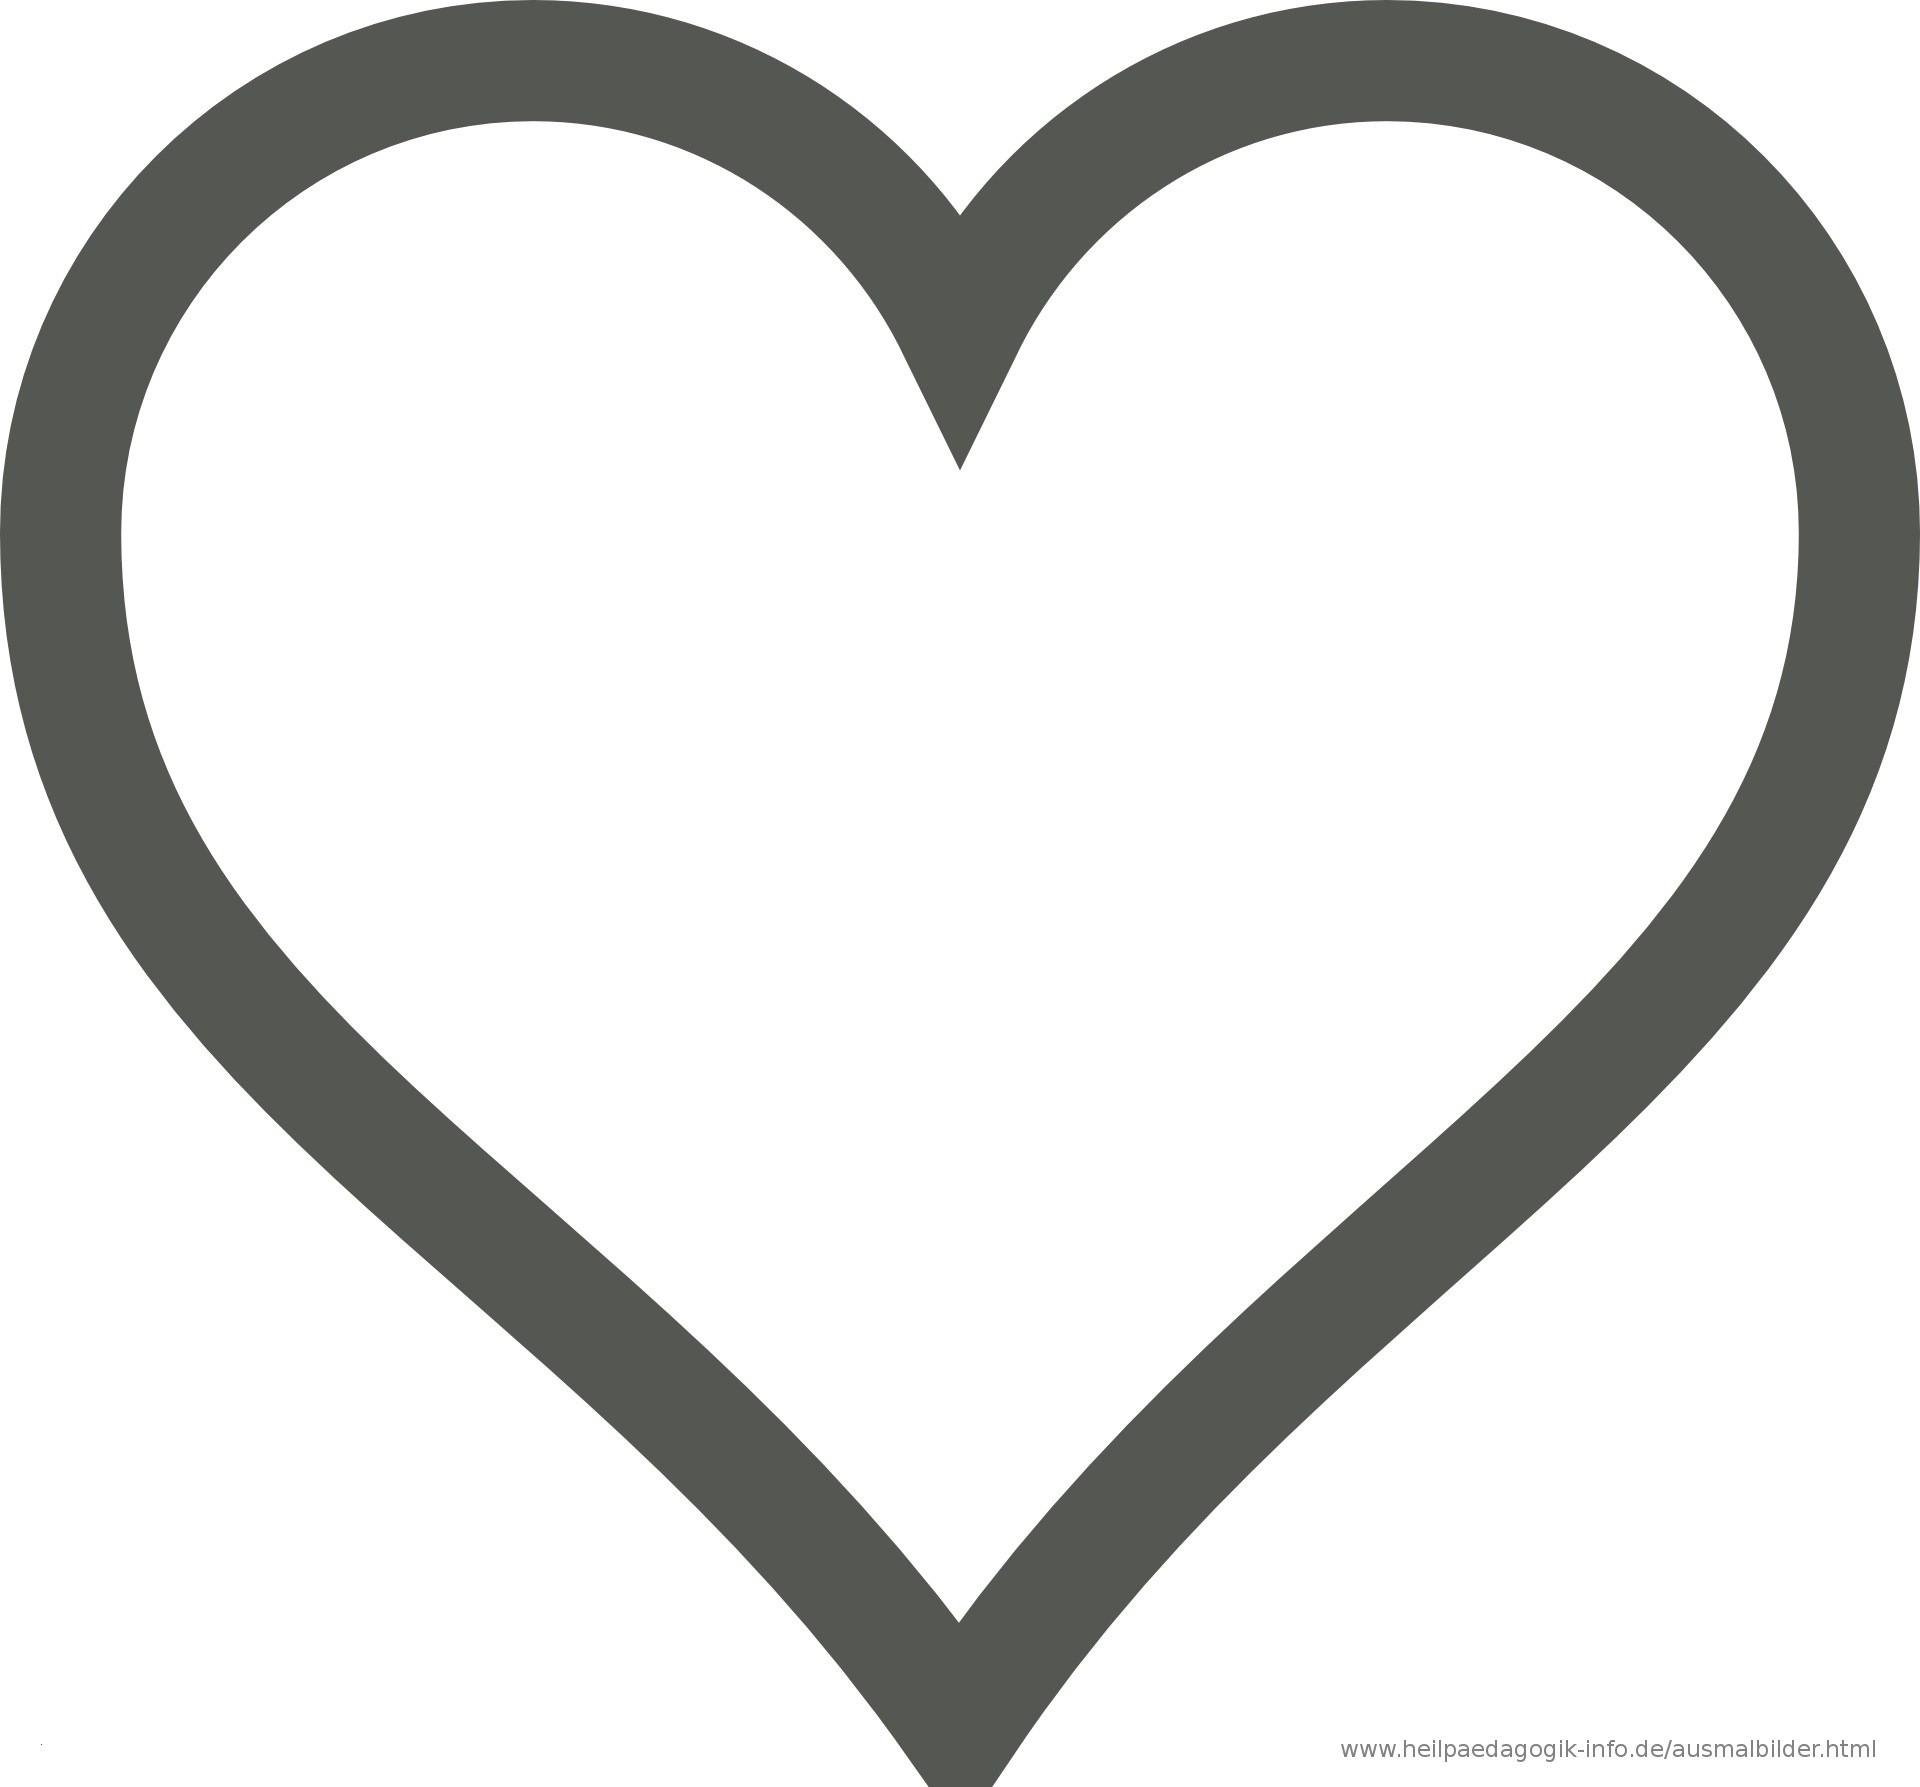 Ausmalbilder Mandala Herzen Genial Herz Malvorlagen Einfach Herz Mandalas Zum Ausdrucken – Malvorlagen Stock